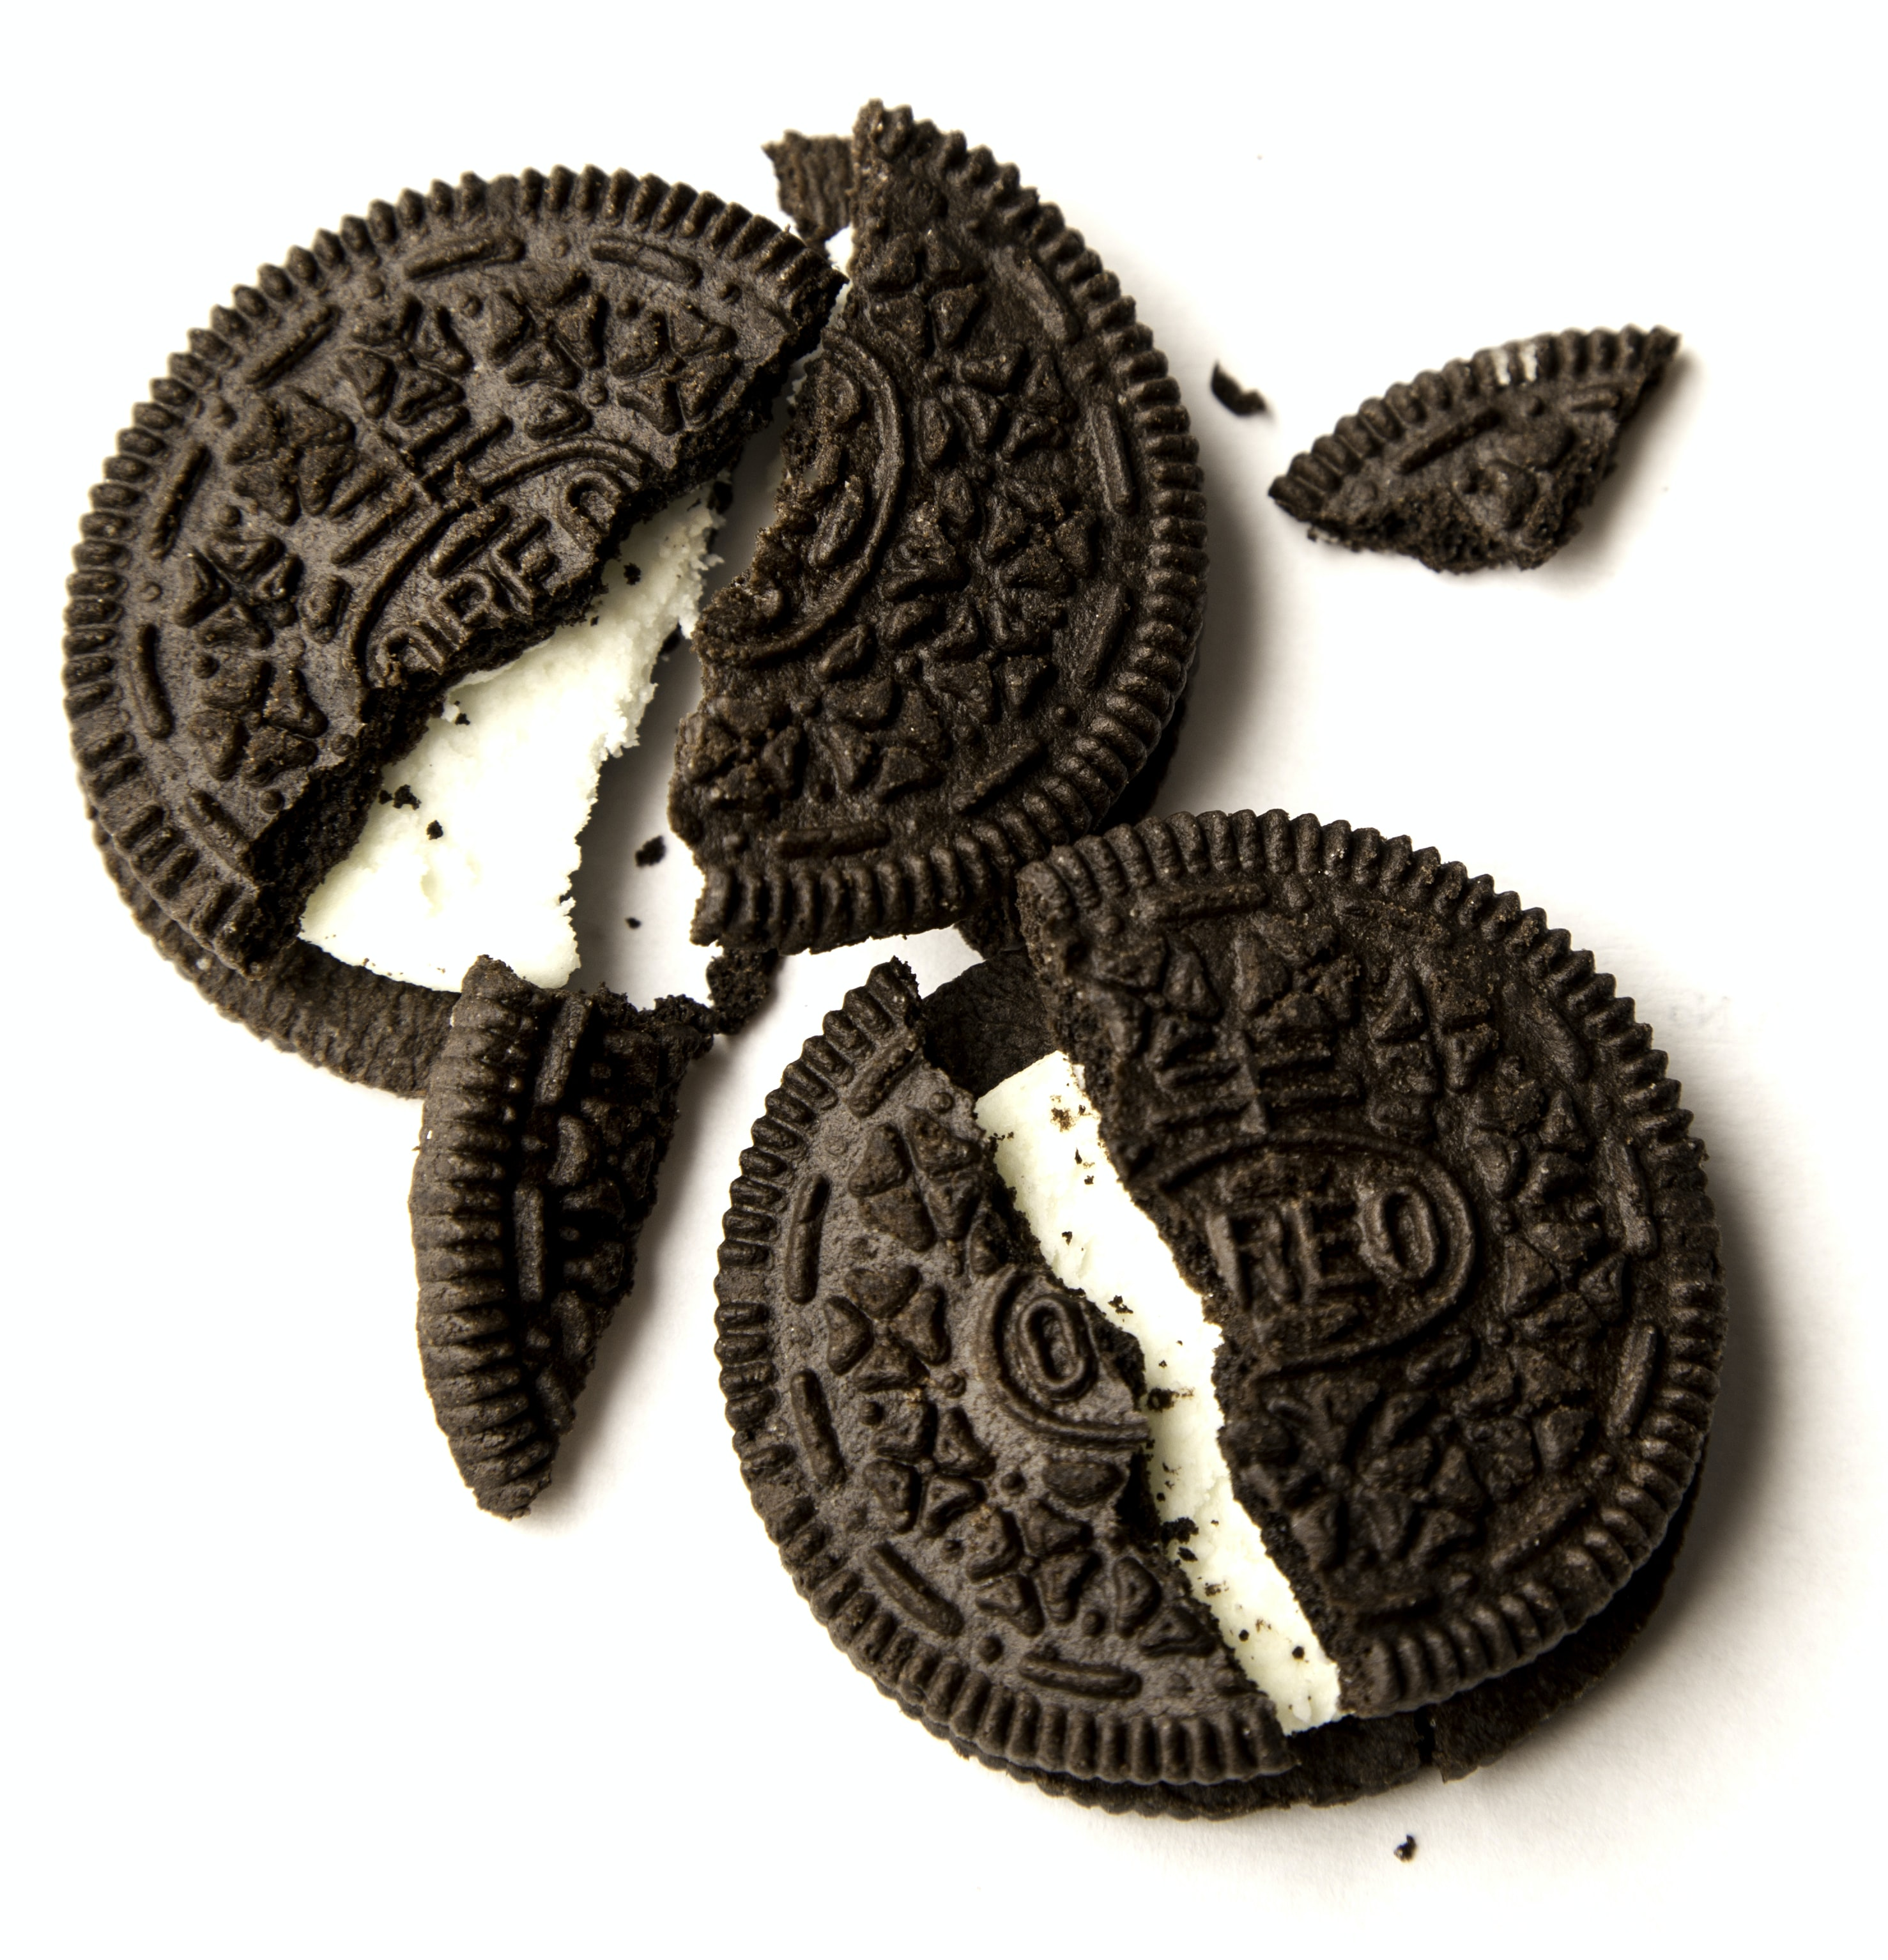 cracked Oreo cookies